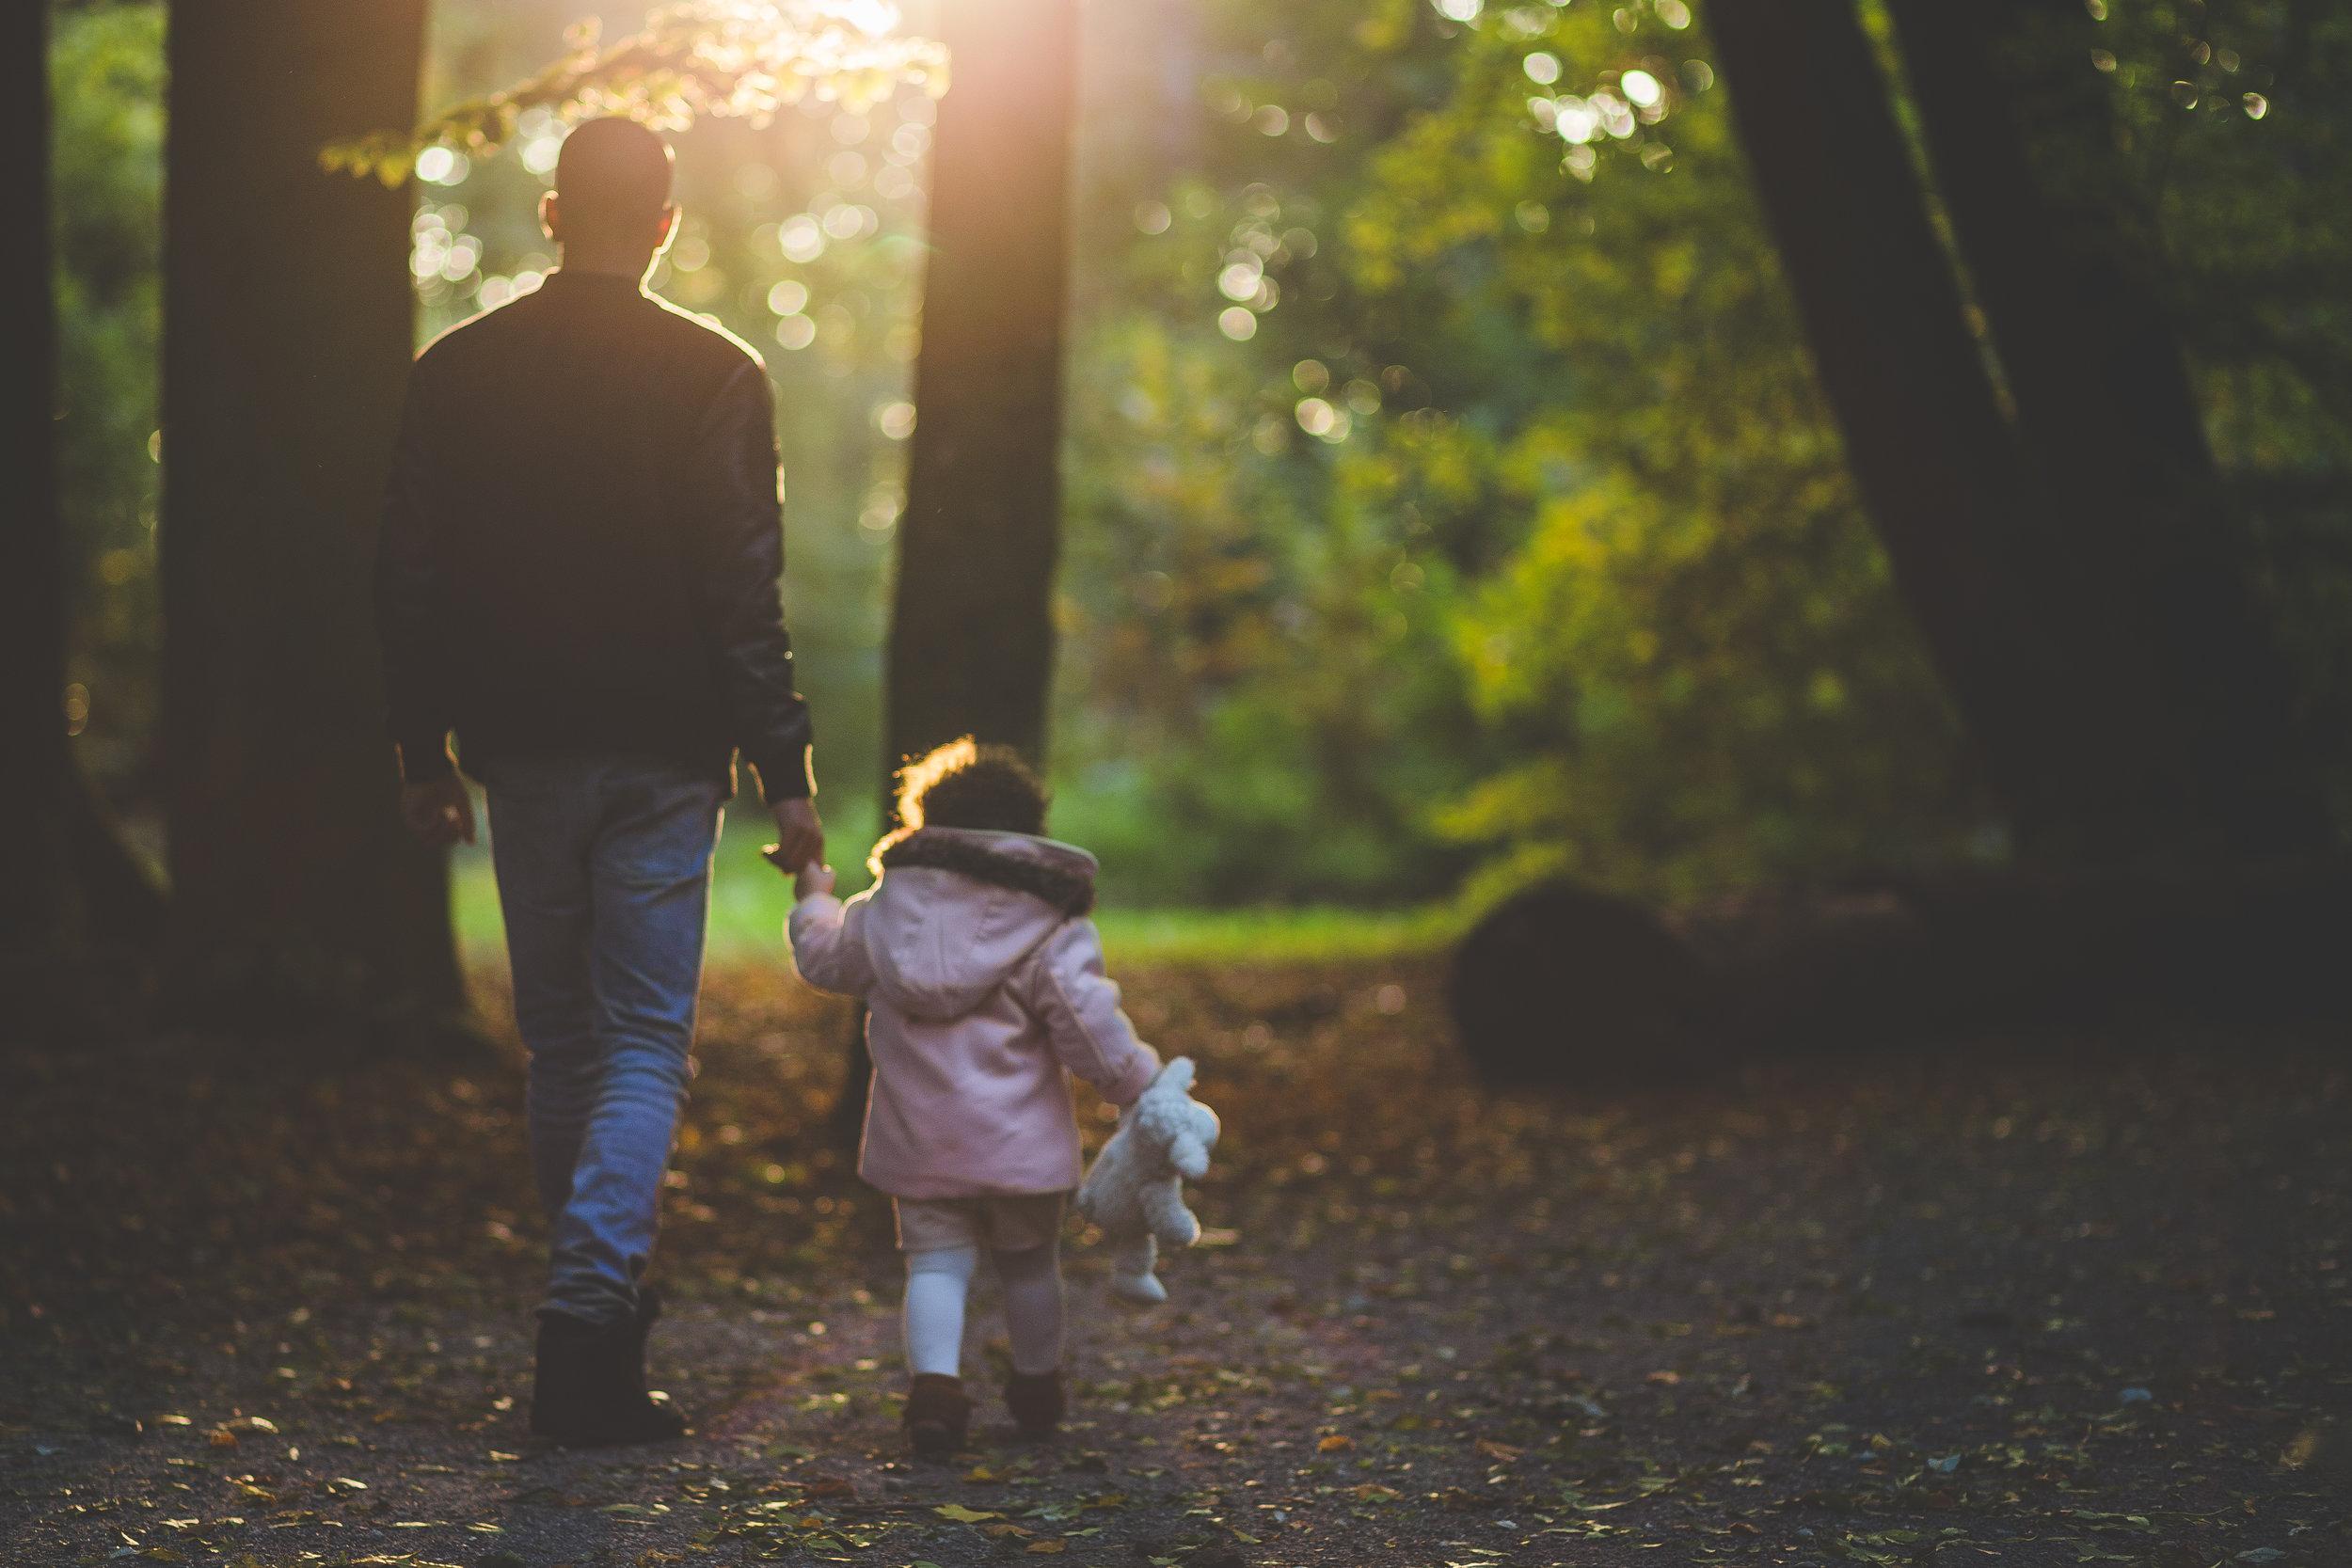 6 av 10 föräldrar tror att deras barn skulle spendera mer tid i naturen om de som familj gjorde fler utflykter i naturen (Källa: STF)